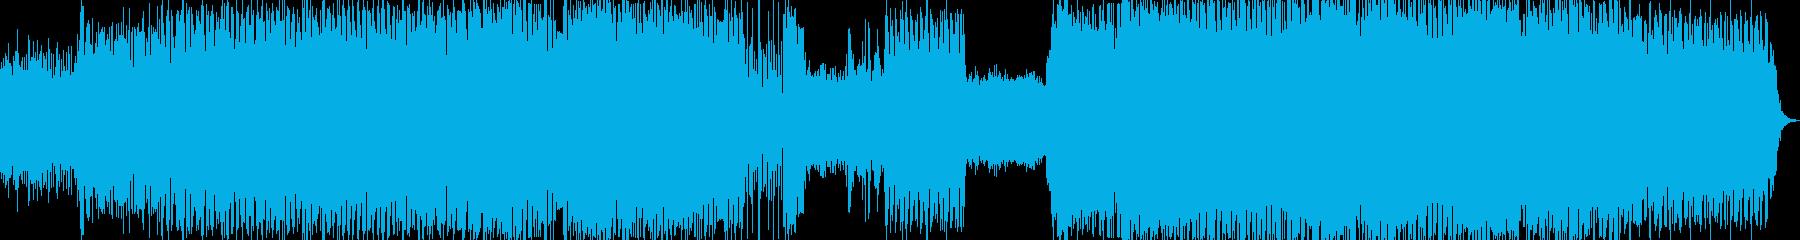 クラブ系エレクトロの再生済みの波形